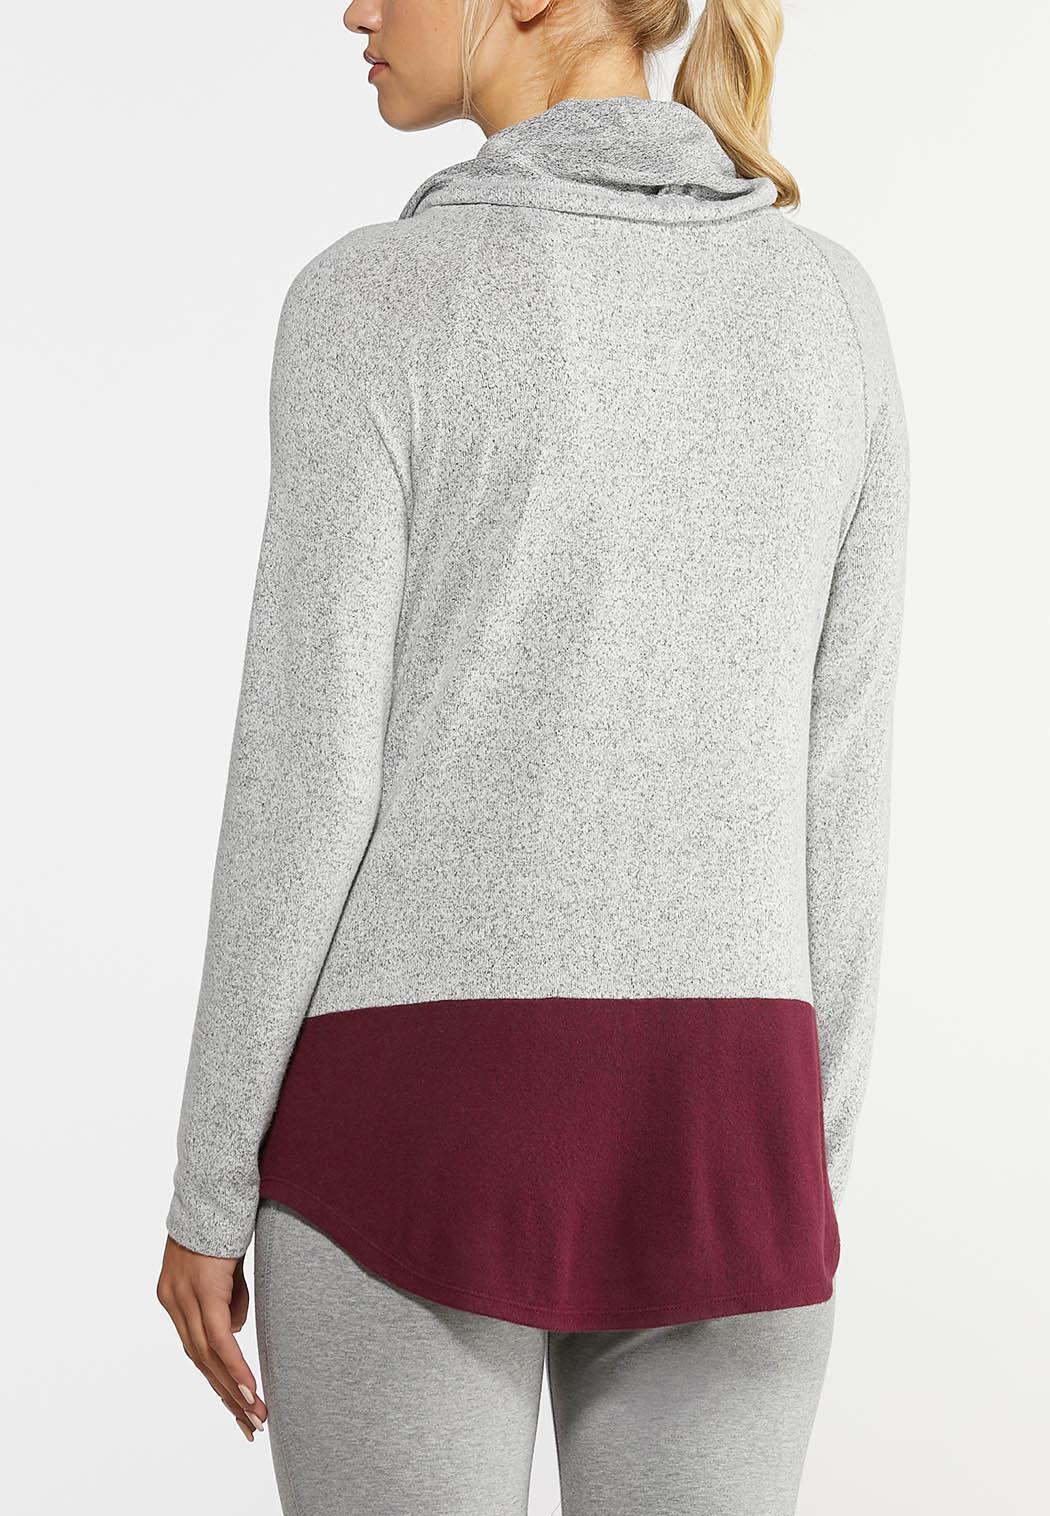 Plus Size Colorblock Hoodie Top (Item #43964625)